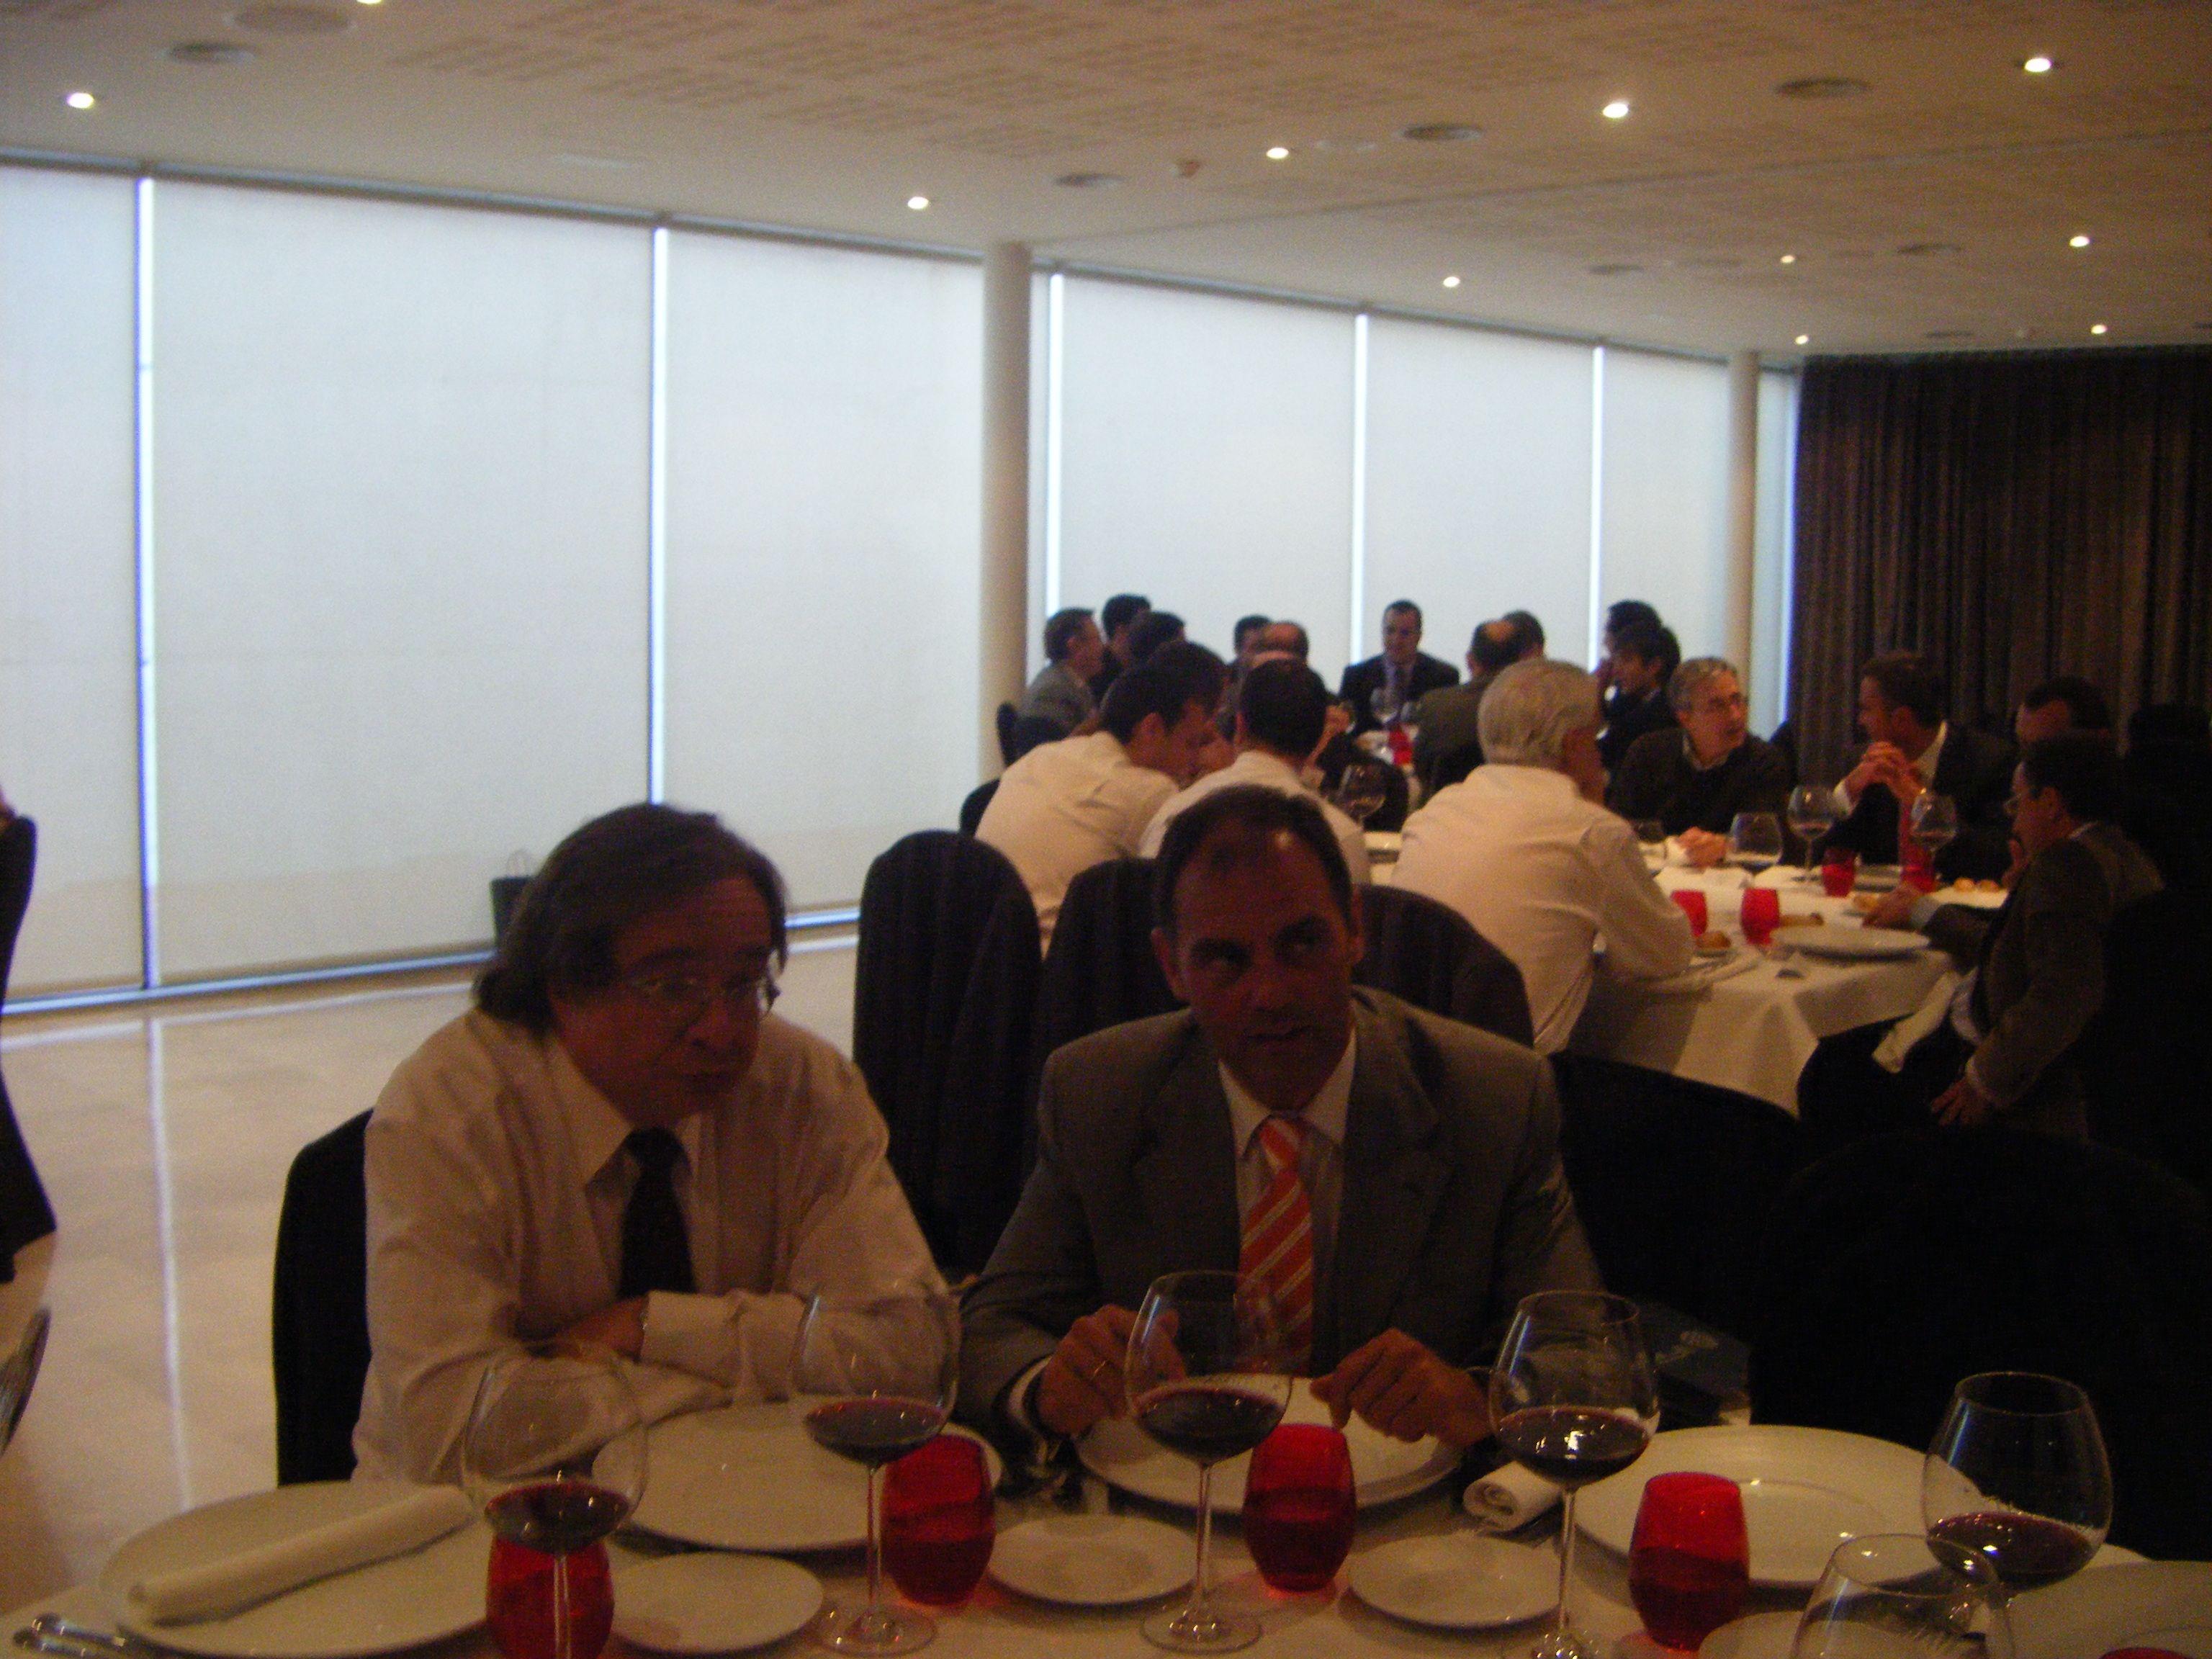 Celebración de la Jornada de clientes en el Finca Prats Hotel.